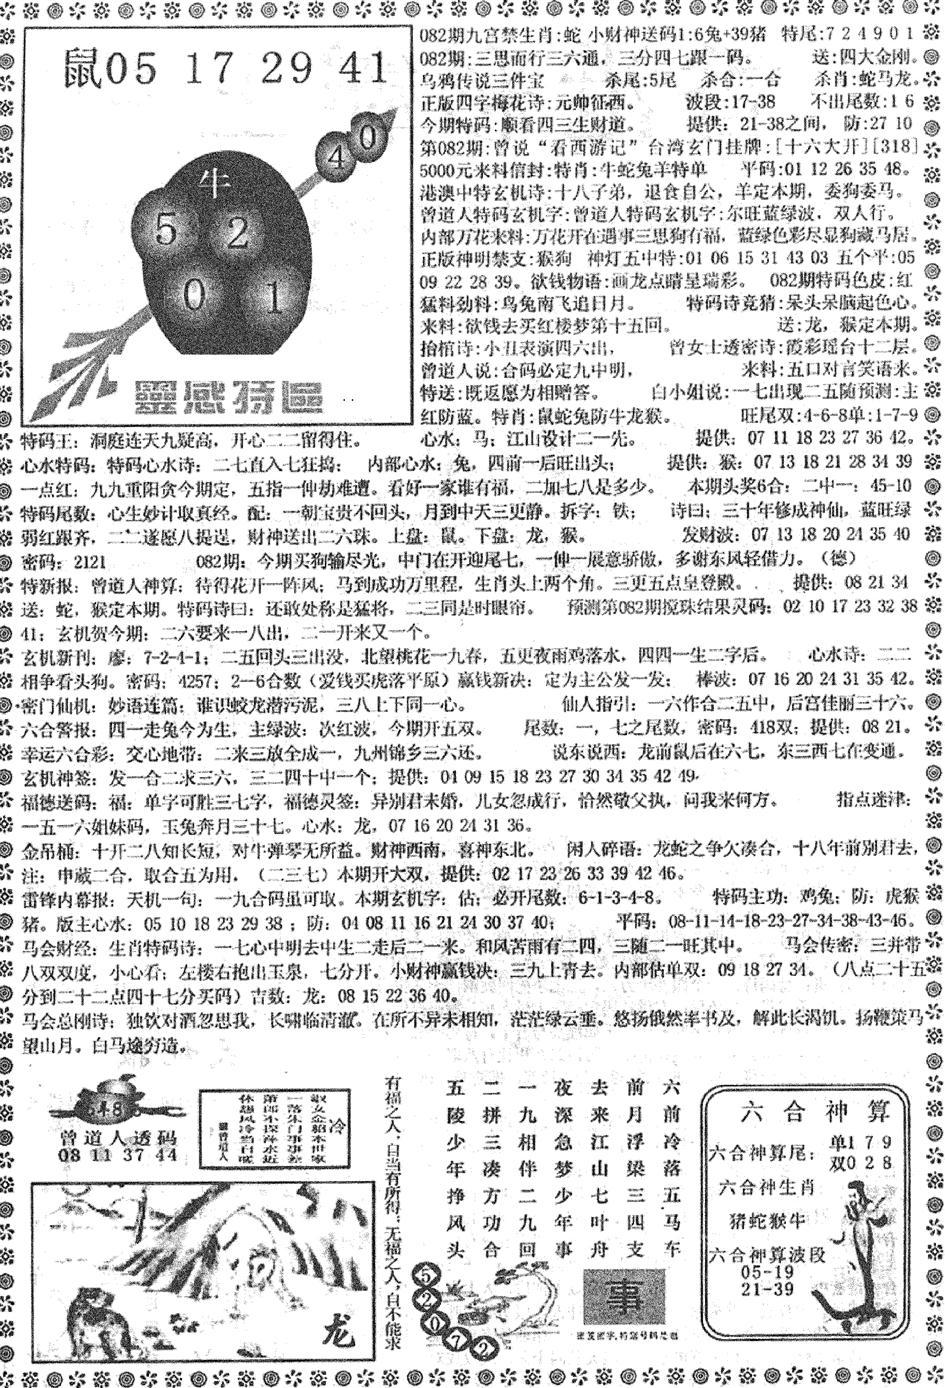 082期平西版彩霸王B(黑白)